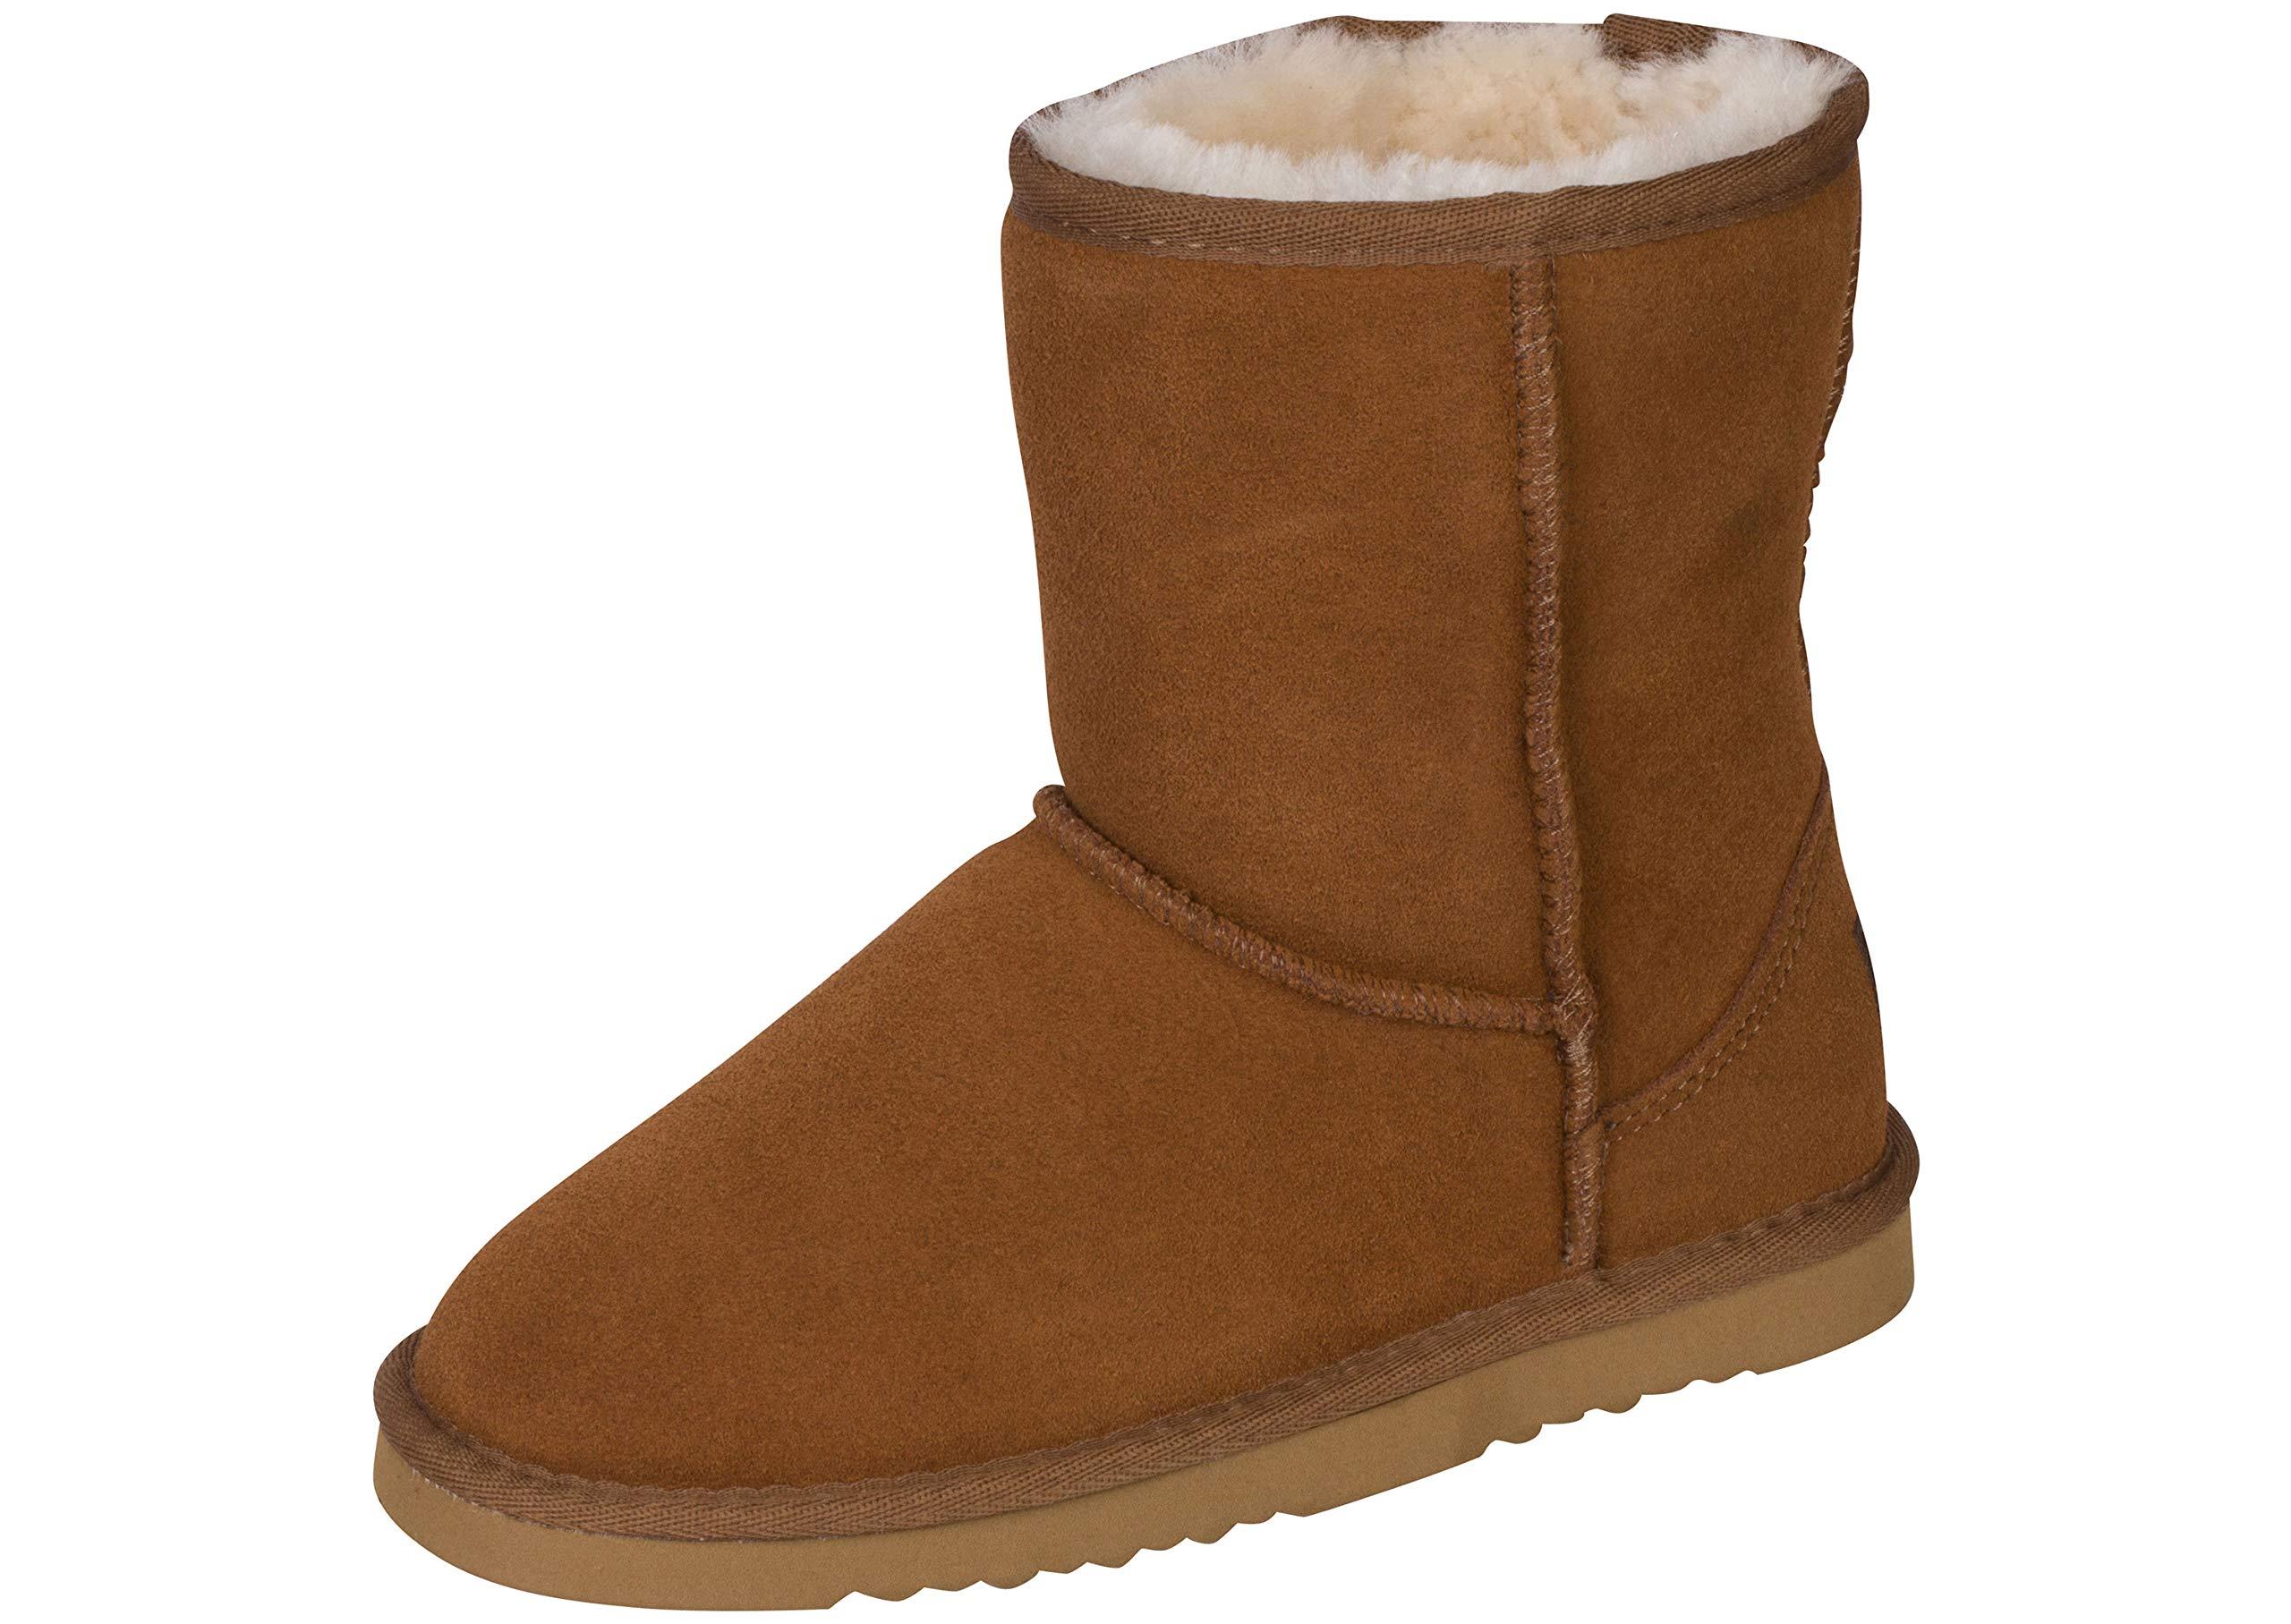 Kemi Kid's Classic Bella Short Winter Fashion Boot, Rust, 1 M US Little Kid